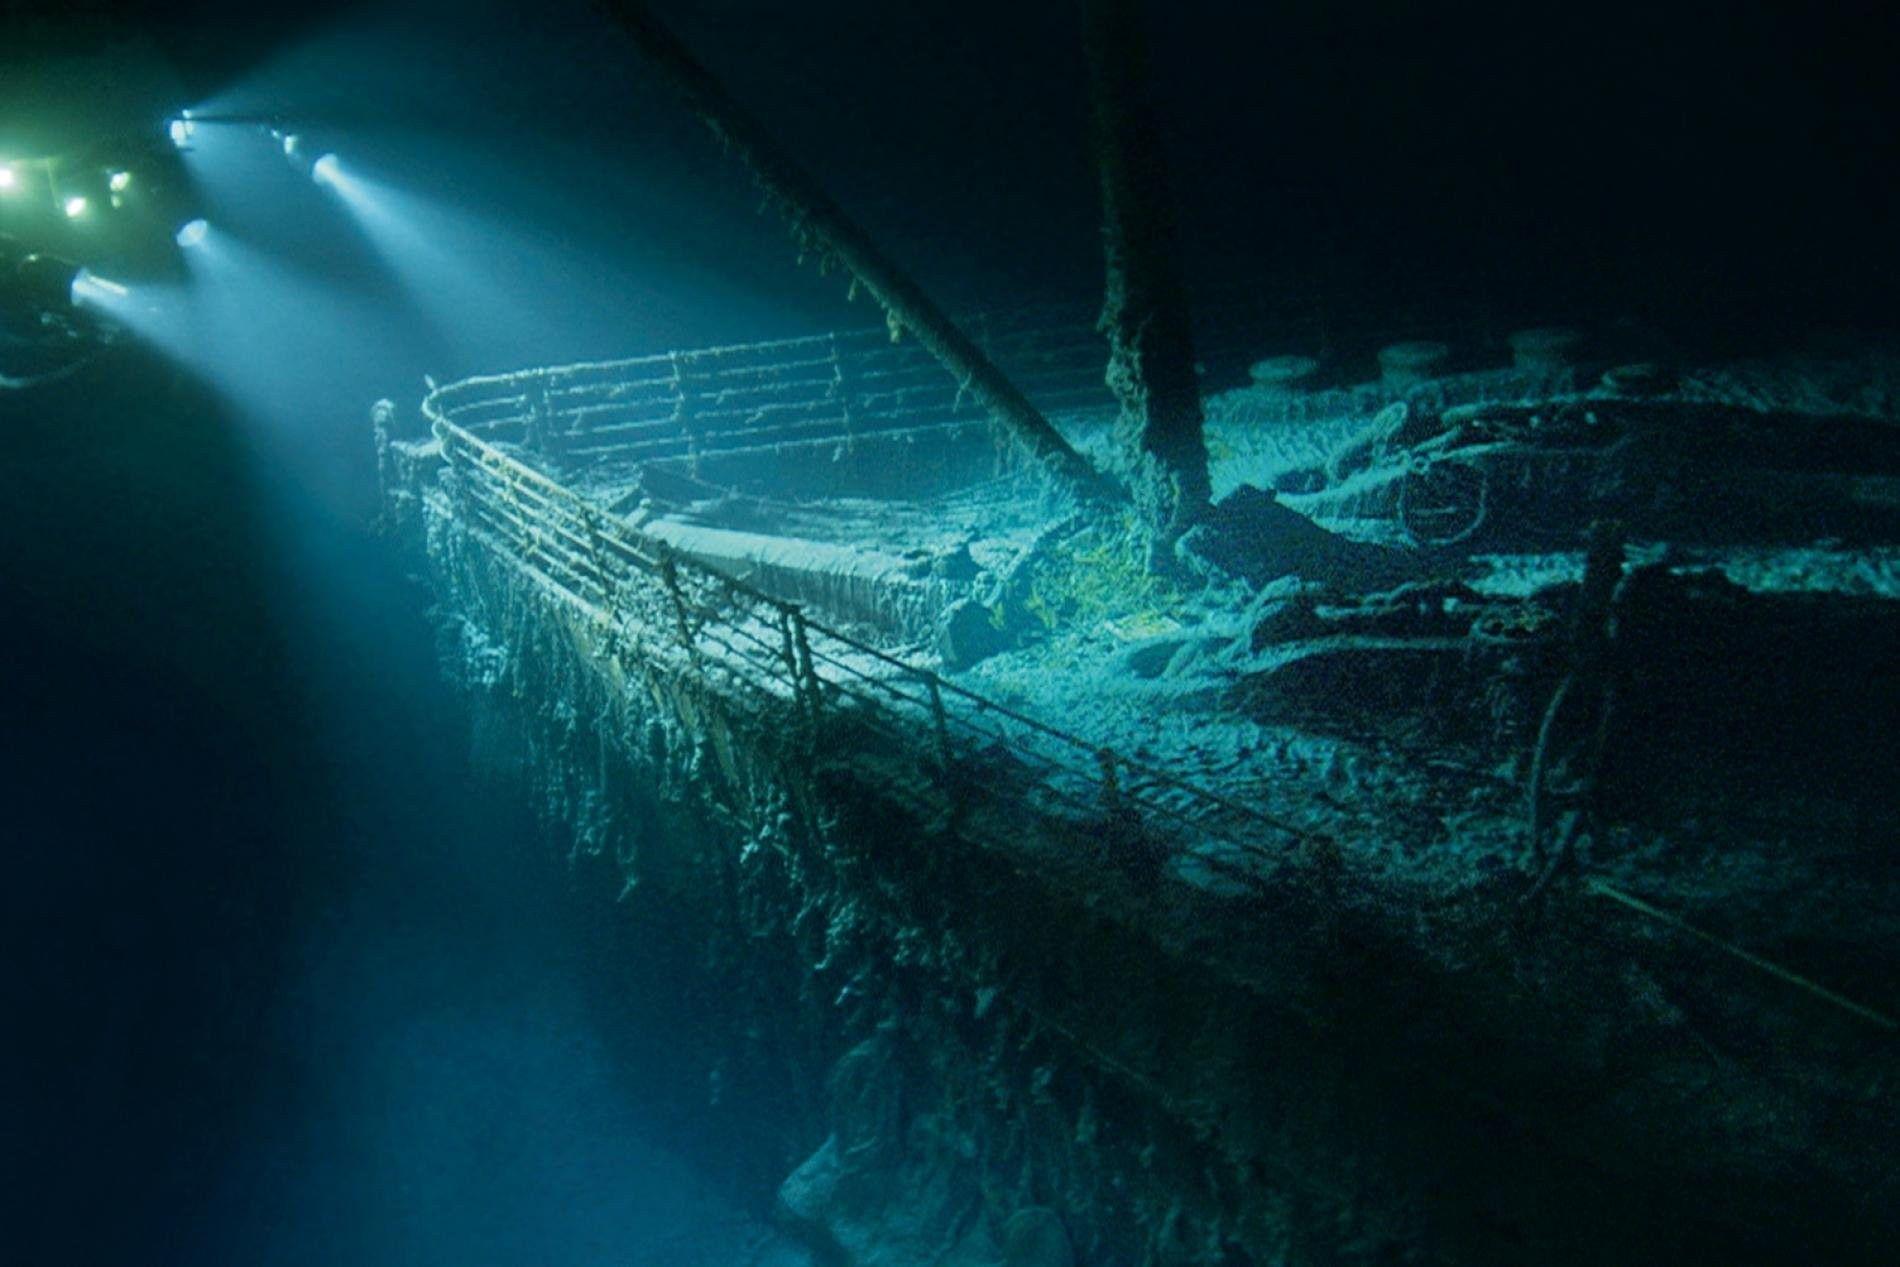 À plus de 3 200 mètres de profondeur, l'épave fantomatique du Titanic émerge de l'obscurité lors ...